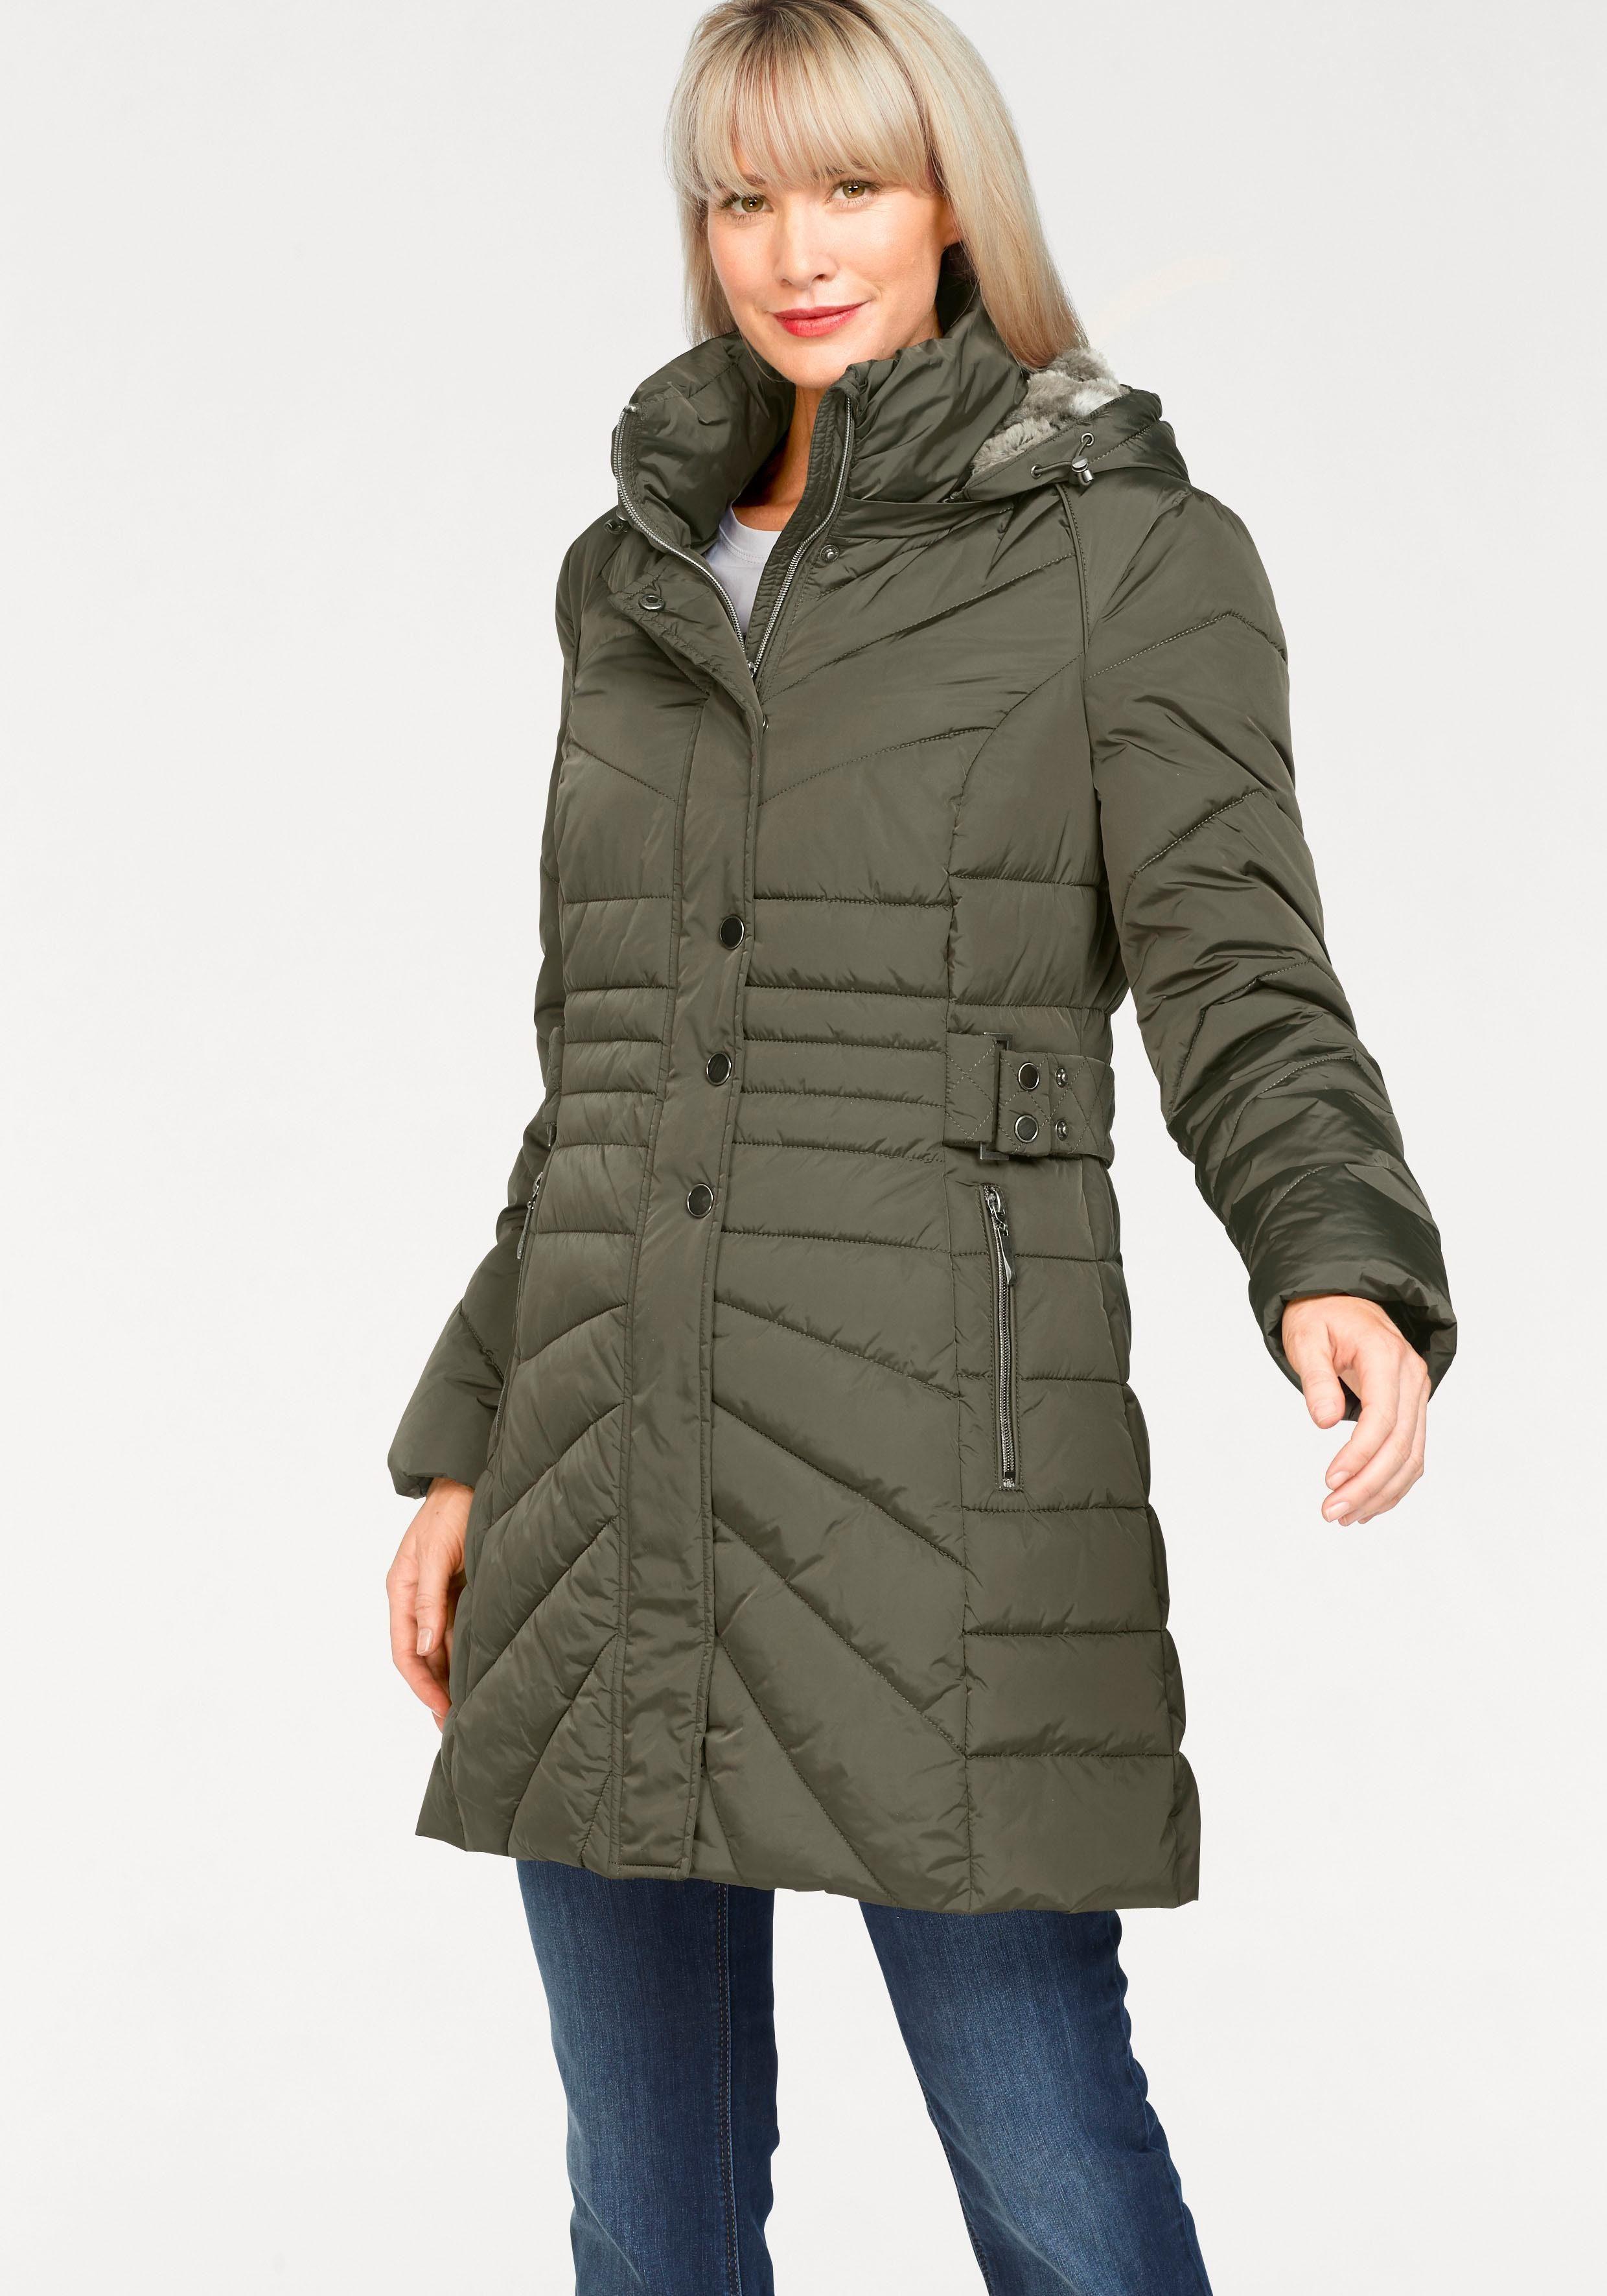 Winterjas kopen? De mooiste winterjassen van topmerken | OTTO